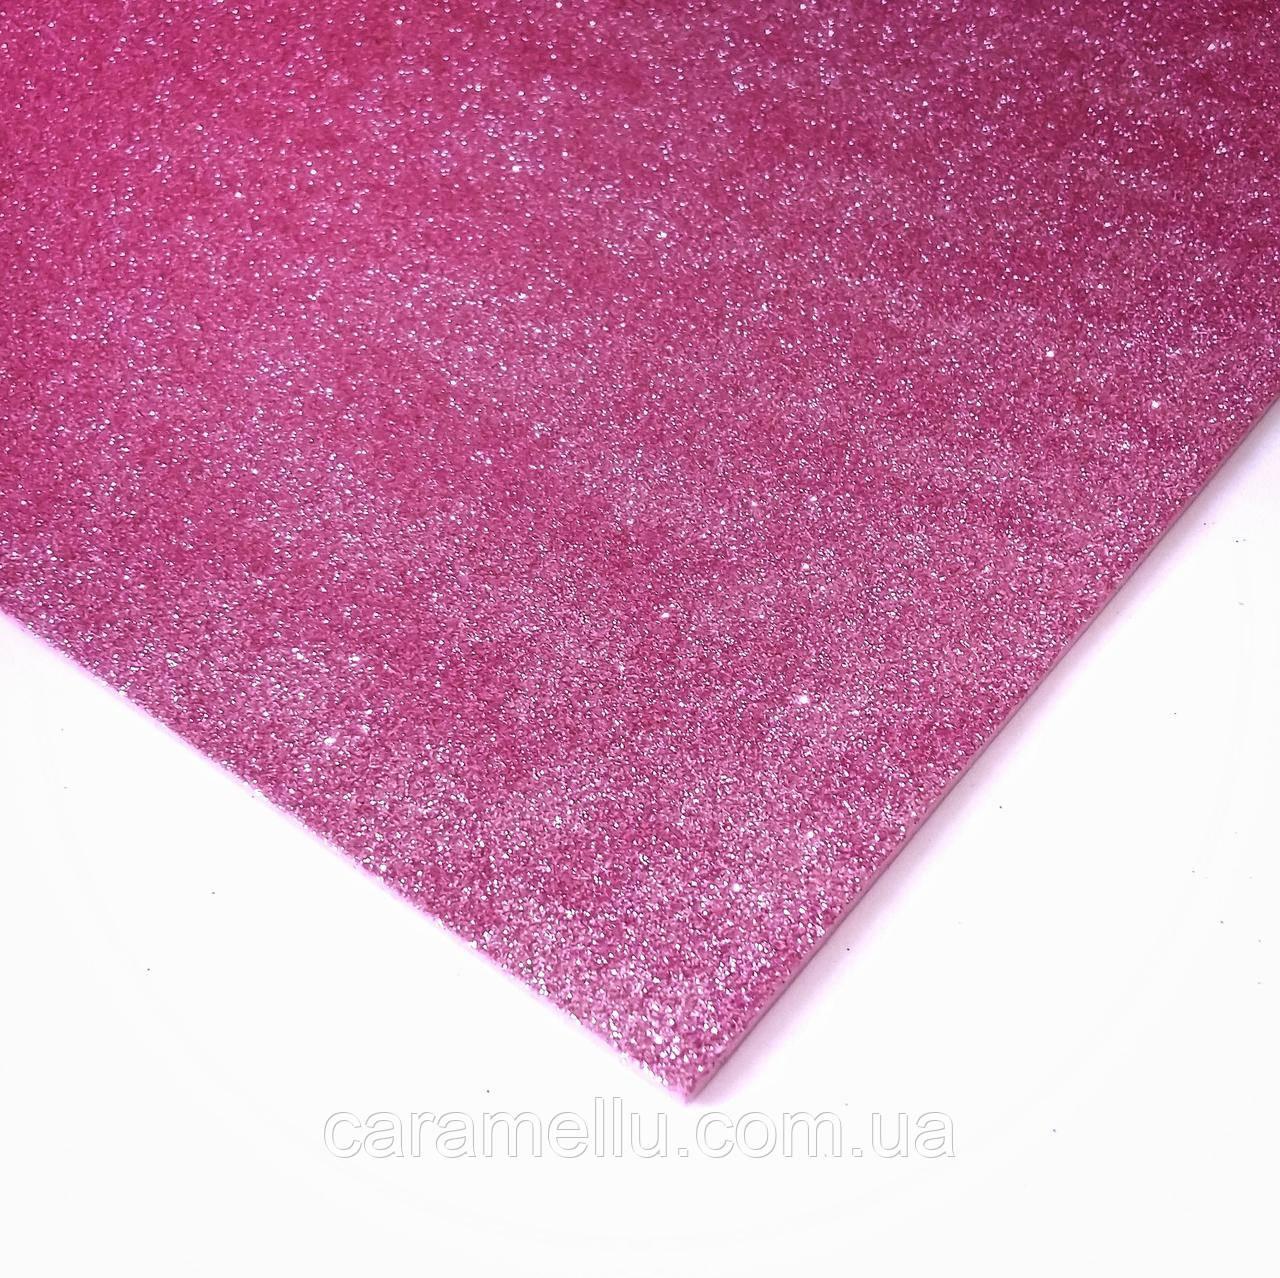 Глиттерный фоамиран 2мм. Темно-розовый. 40*60 см